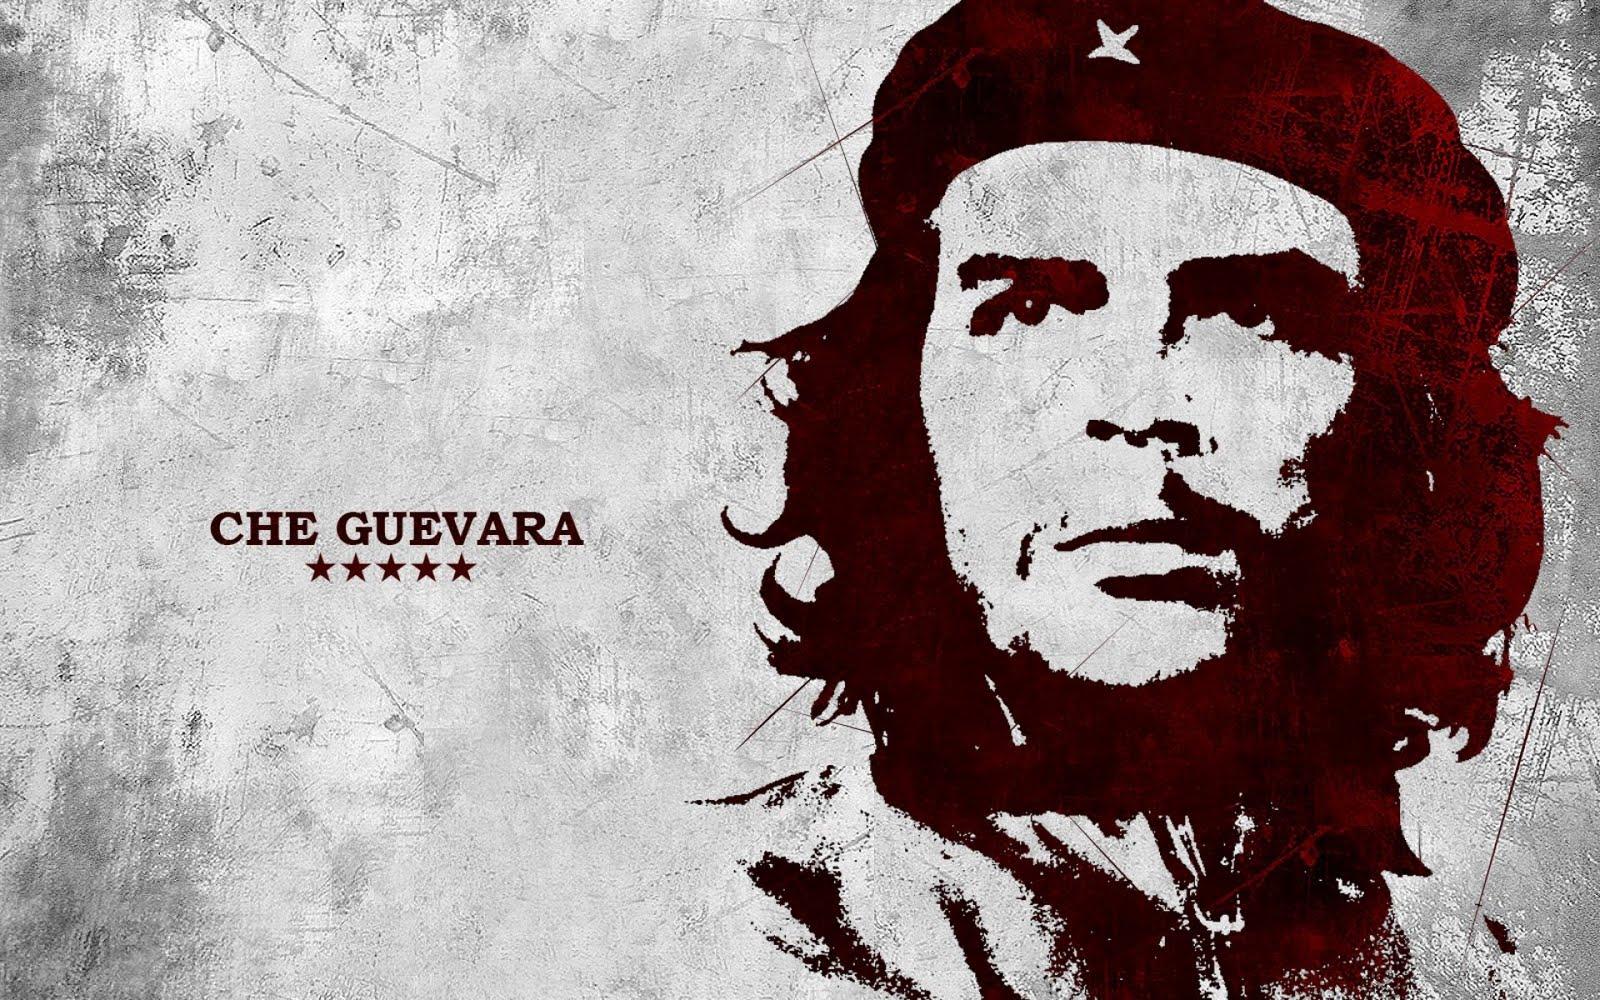 http://4.bp.blogspot.com/_rFWRL5aCJig/TI39m5HxX7I/AAAAAAAAAXE/LLa-fGWguH8/s1600/Che-Guevara-1920x1200.jpg